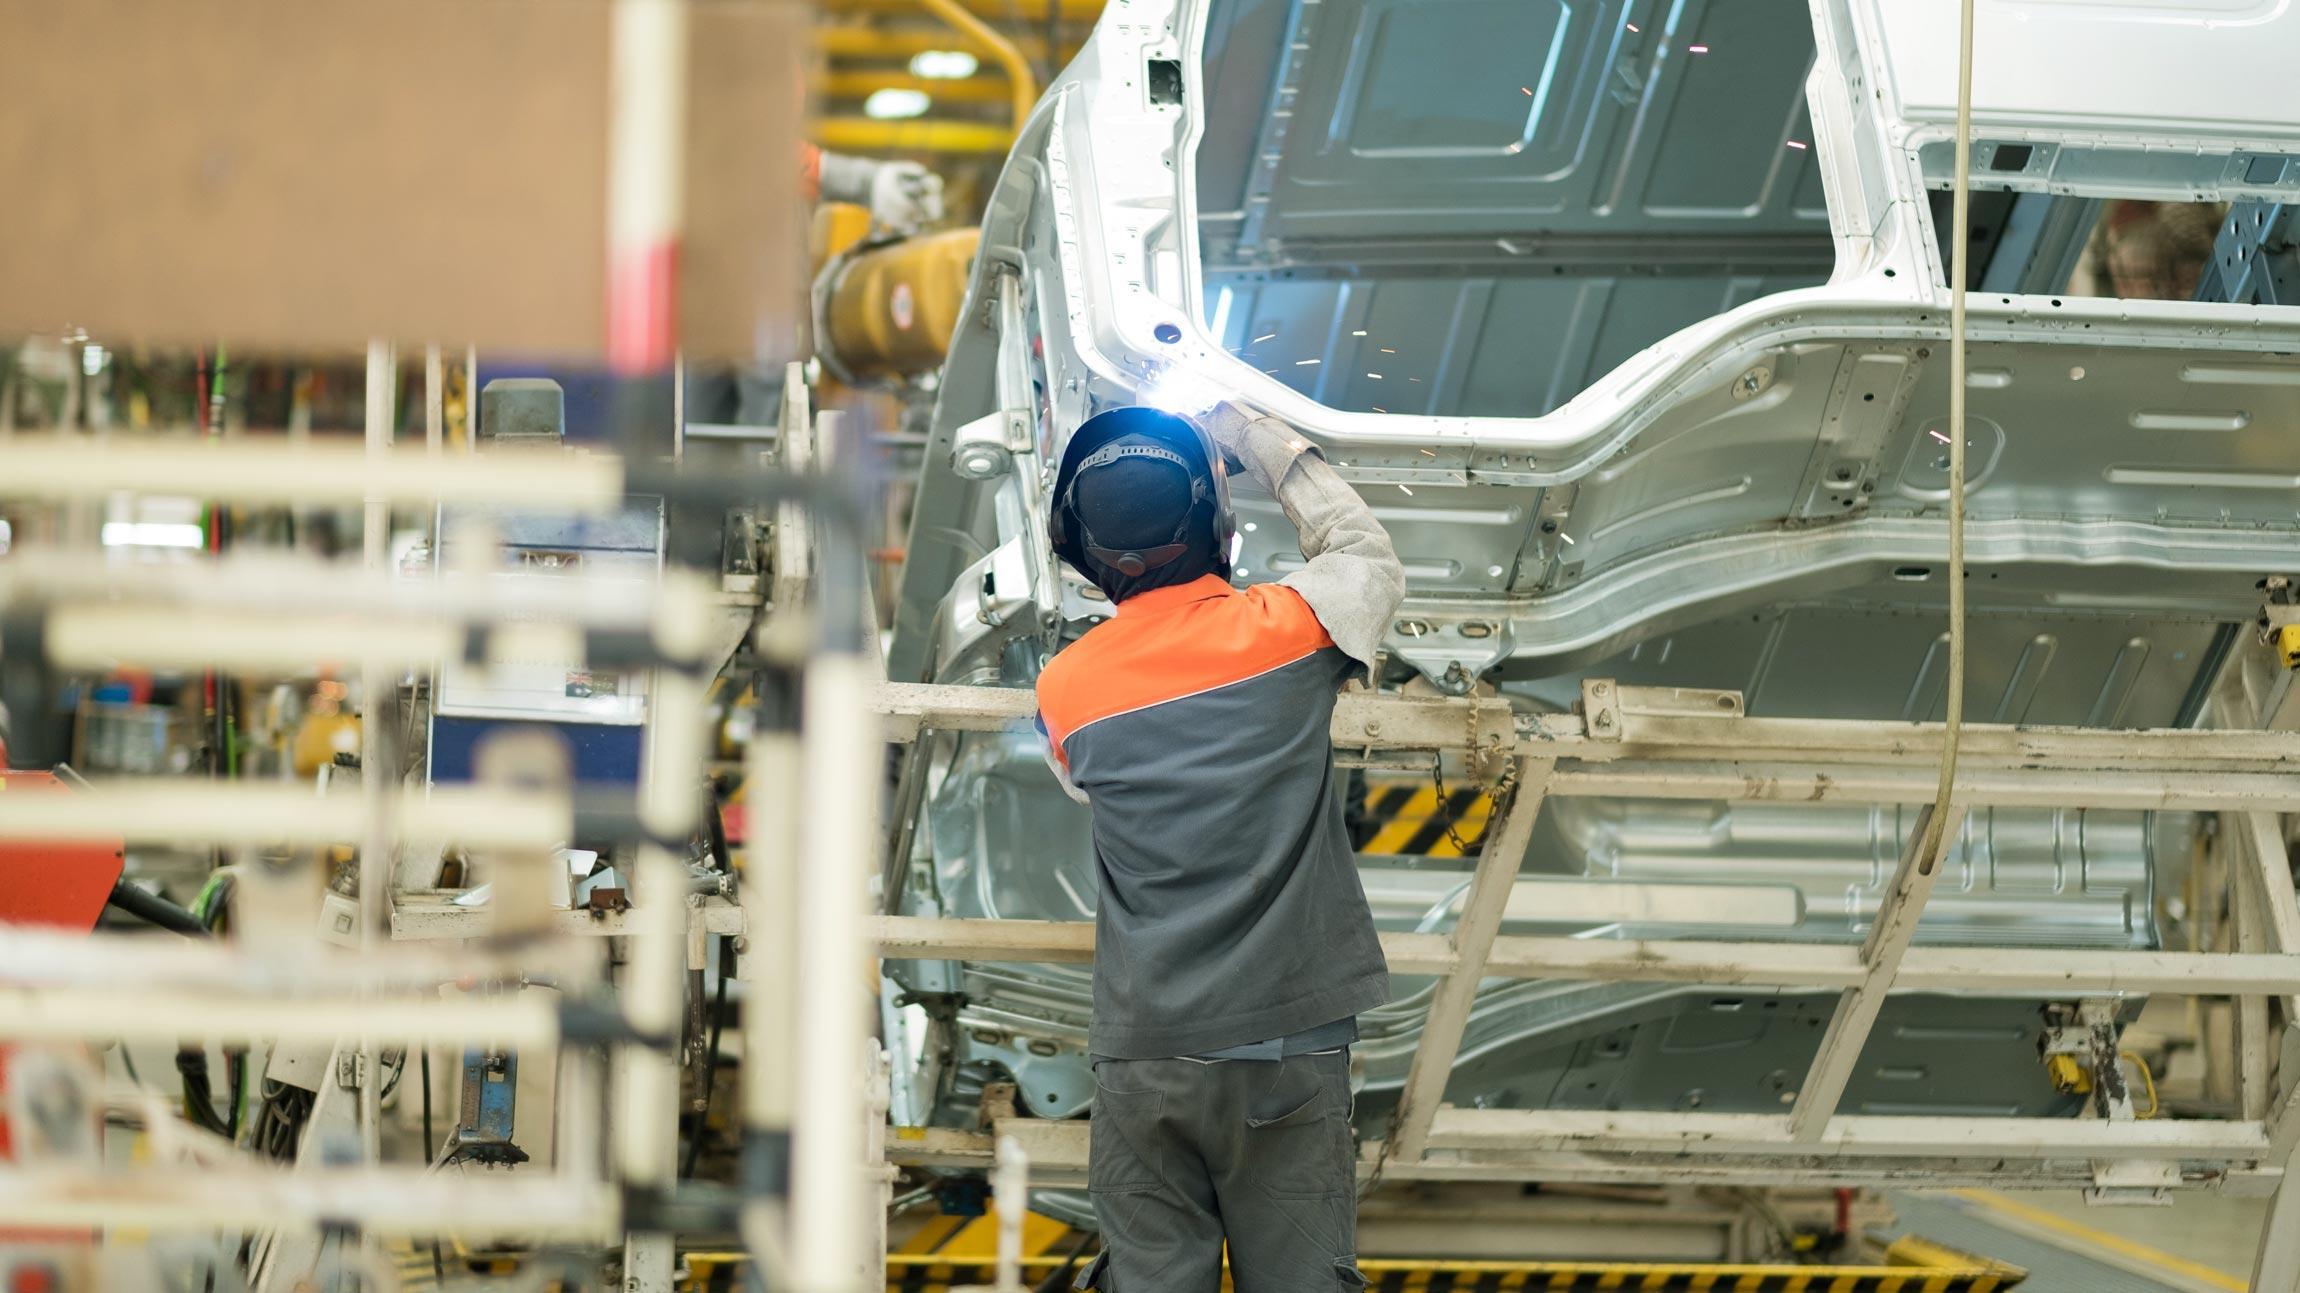 Teollisuuden alan tuotantotehtävät, huoltotehtävät, asennustehtävät, projektitehtävät ja asiantuntijatehtävät